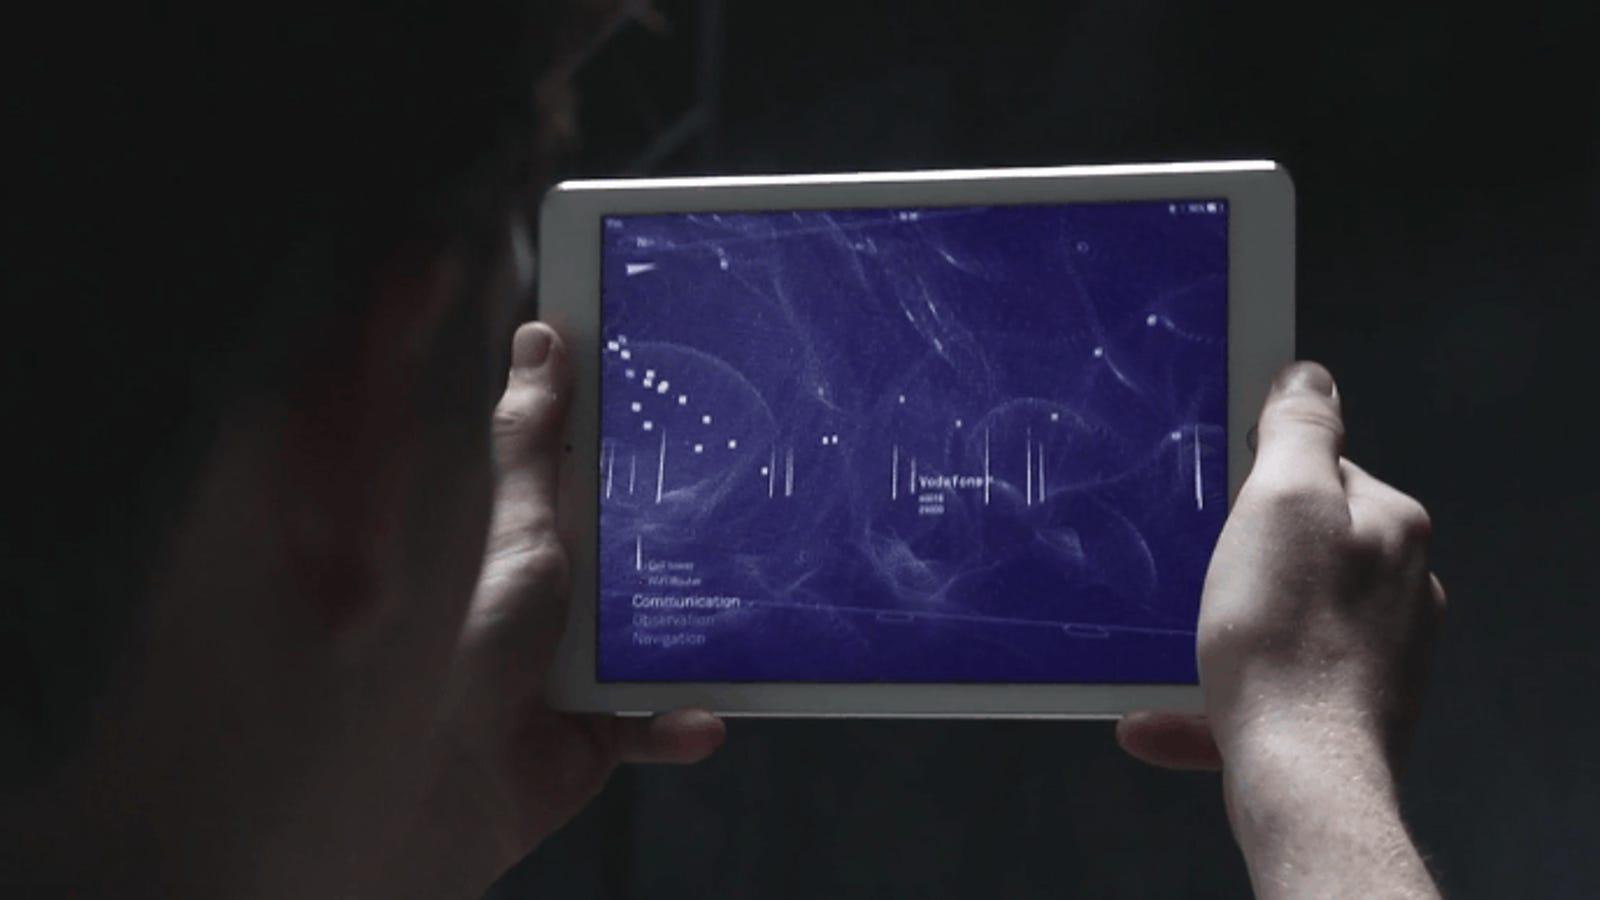 Con esta increíble aplicación podrás ver las redes WiFi y la señal de móvil a tu alrededor